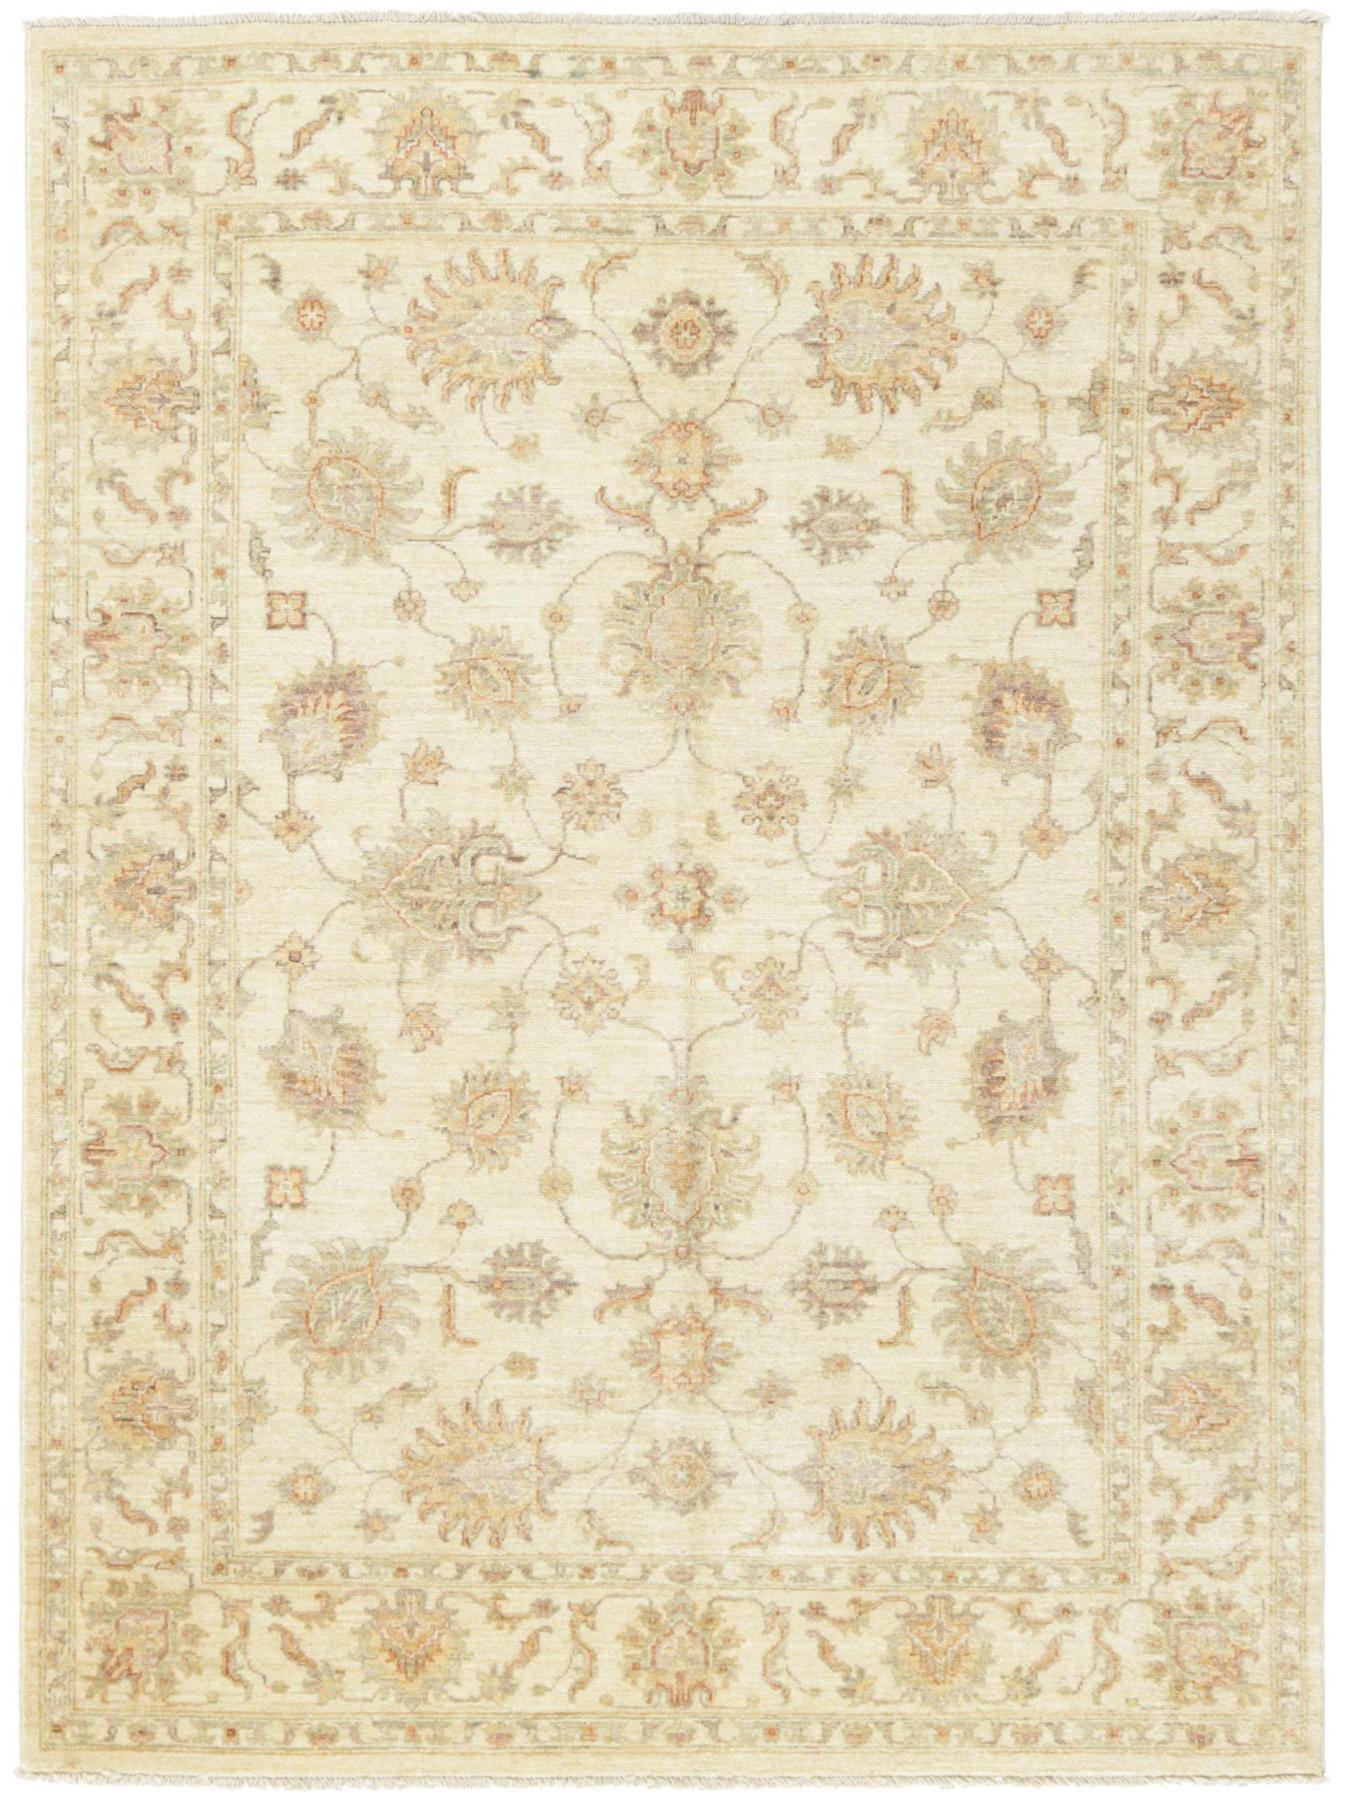 Ziegler carpets - Ziegler